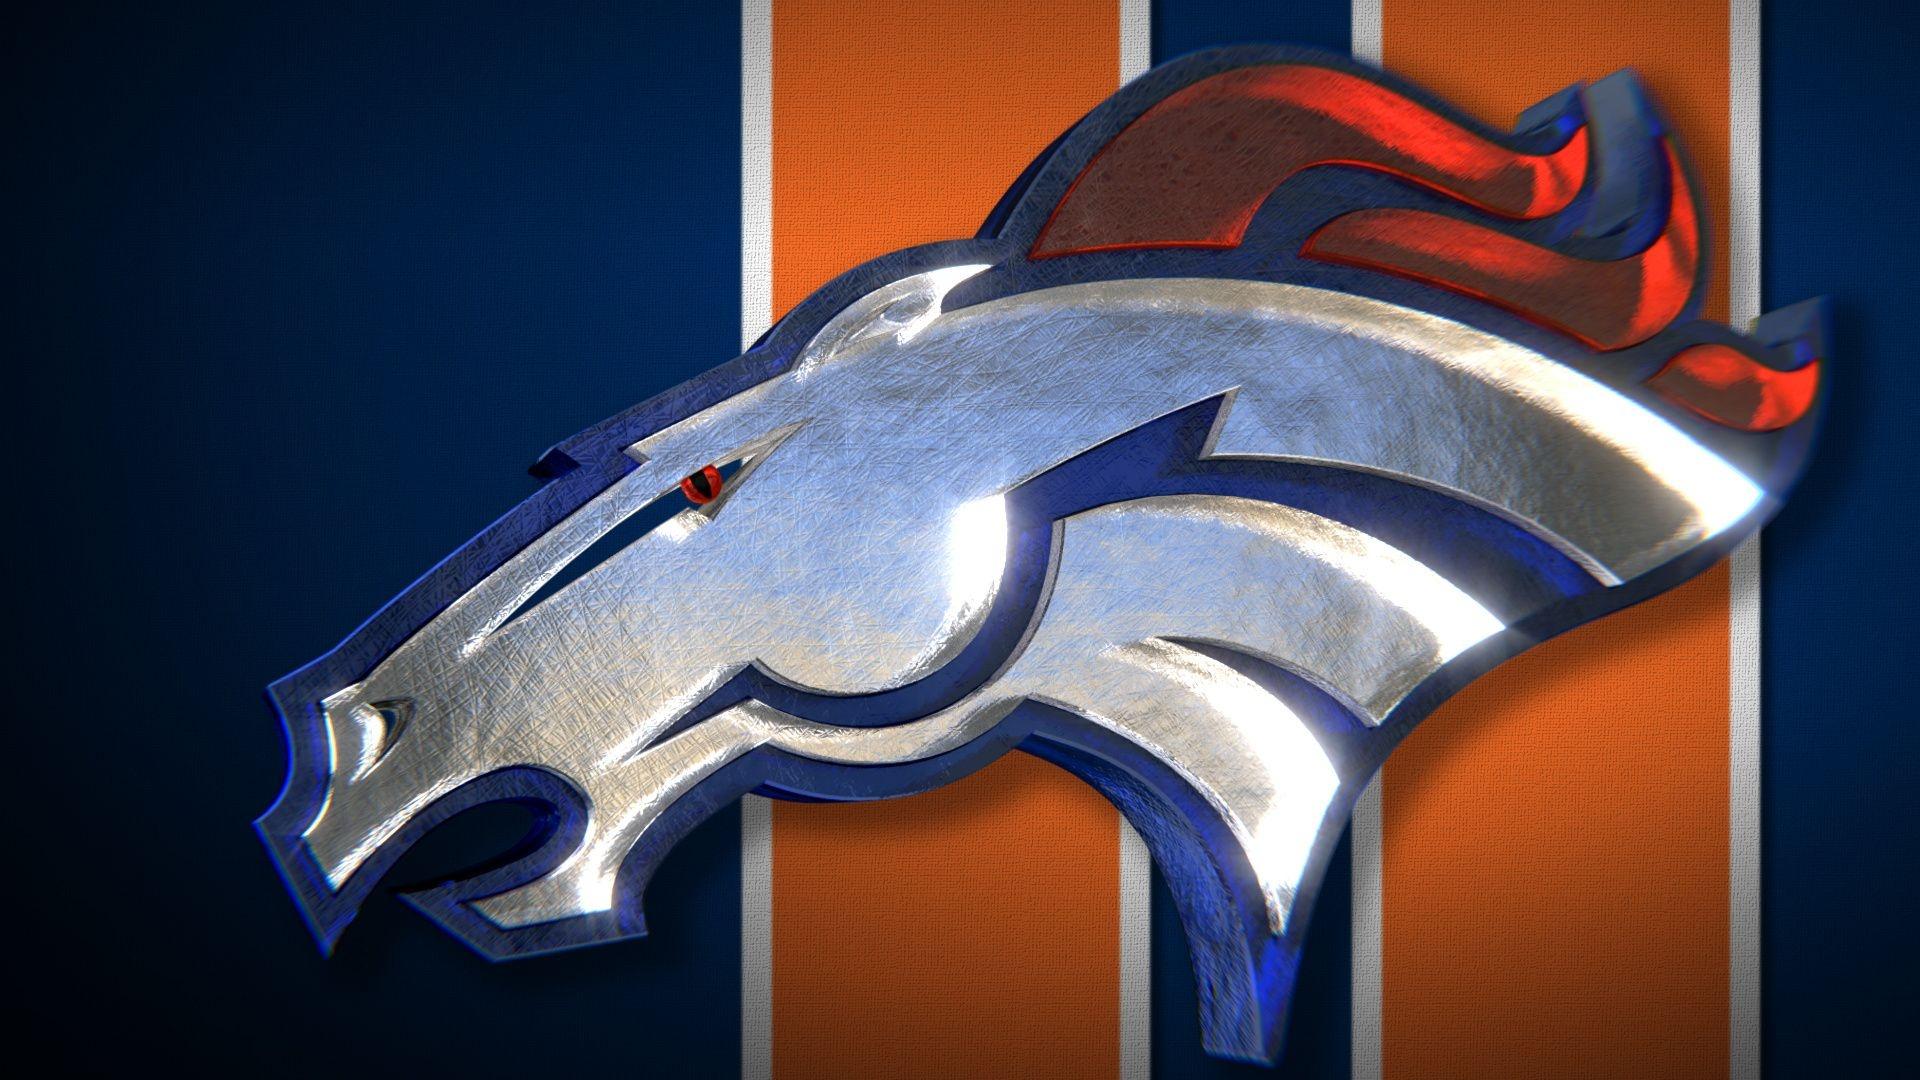 Denver Broncos windows wallpaper